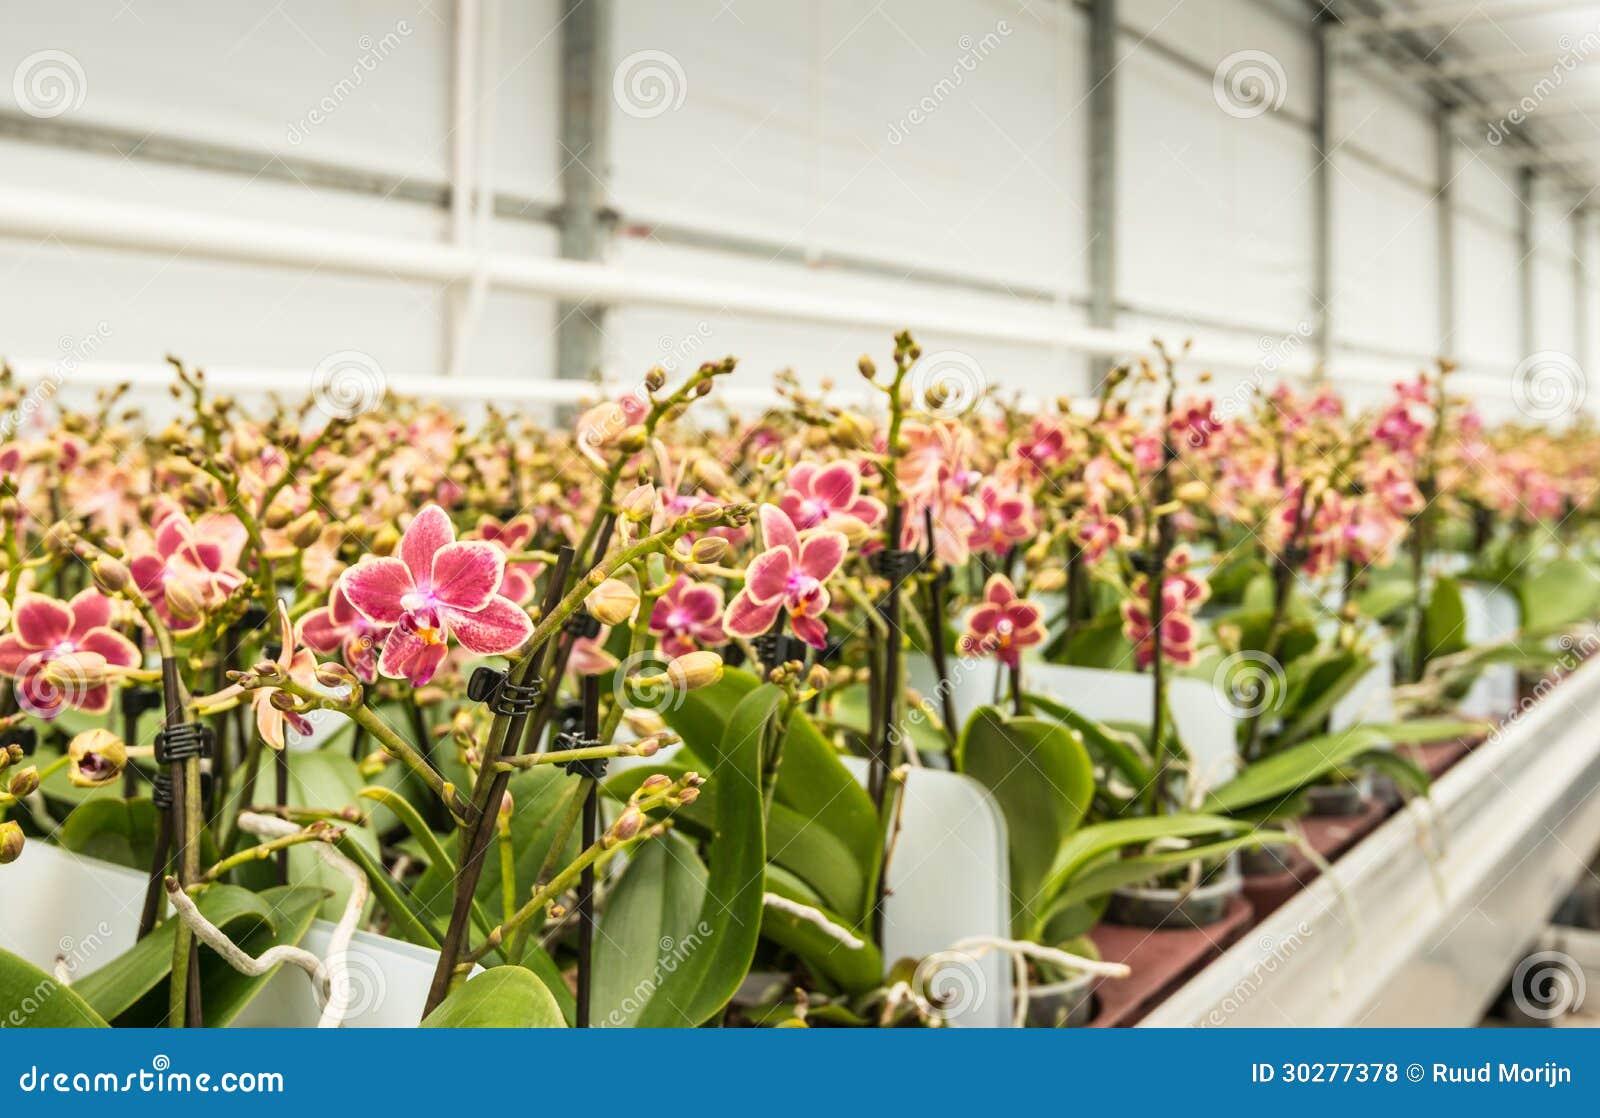 五颜六色的成熟兰花行种植准备好运输